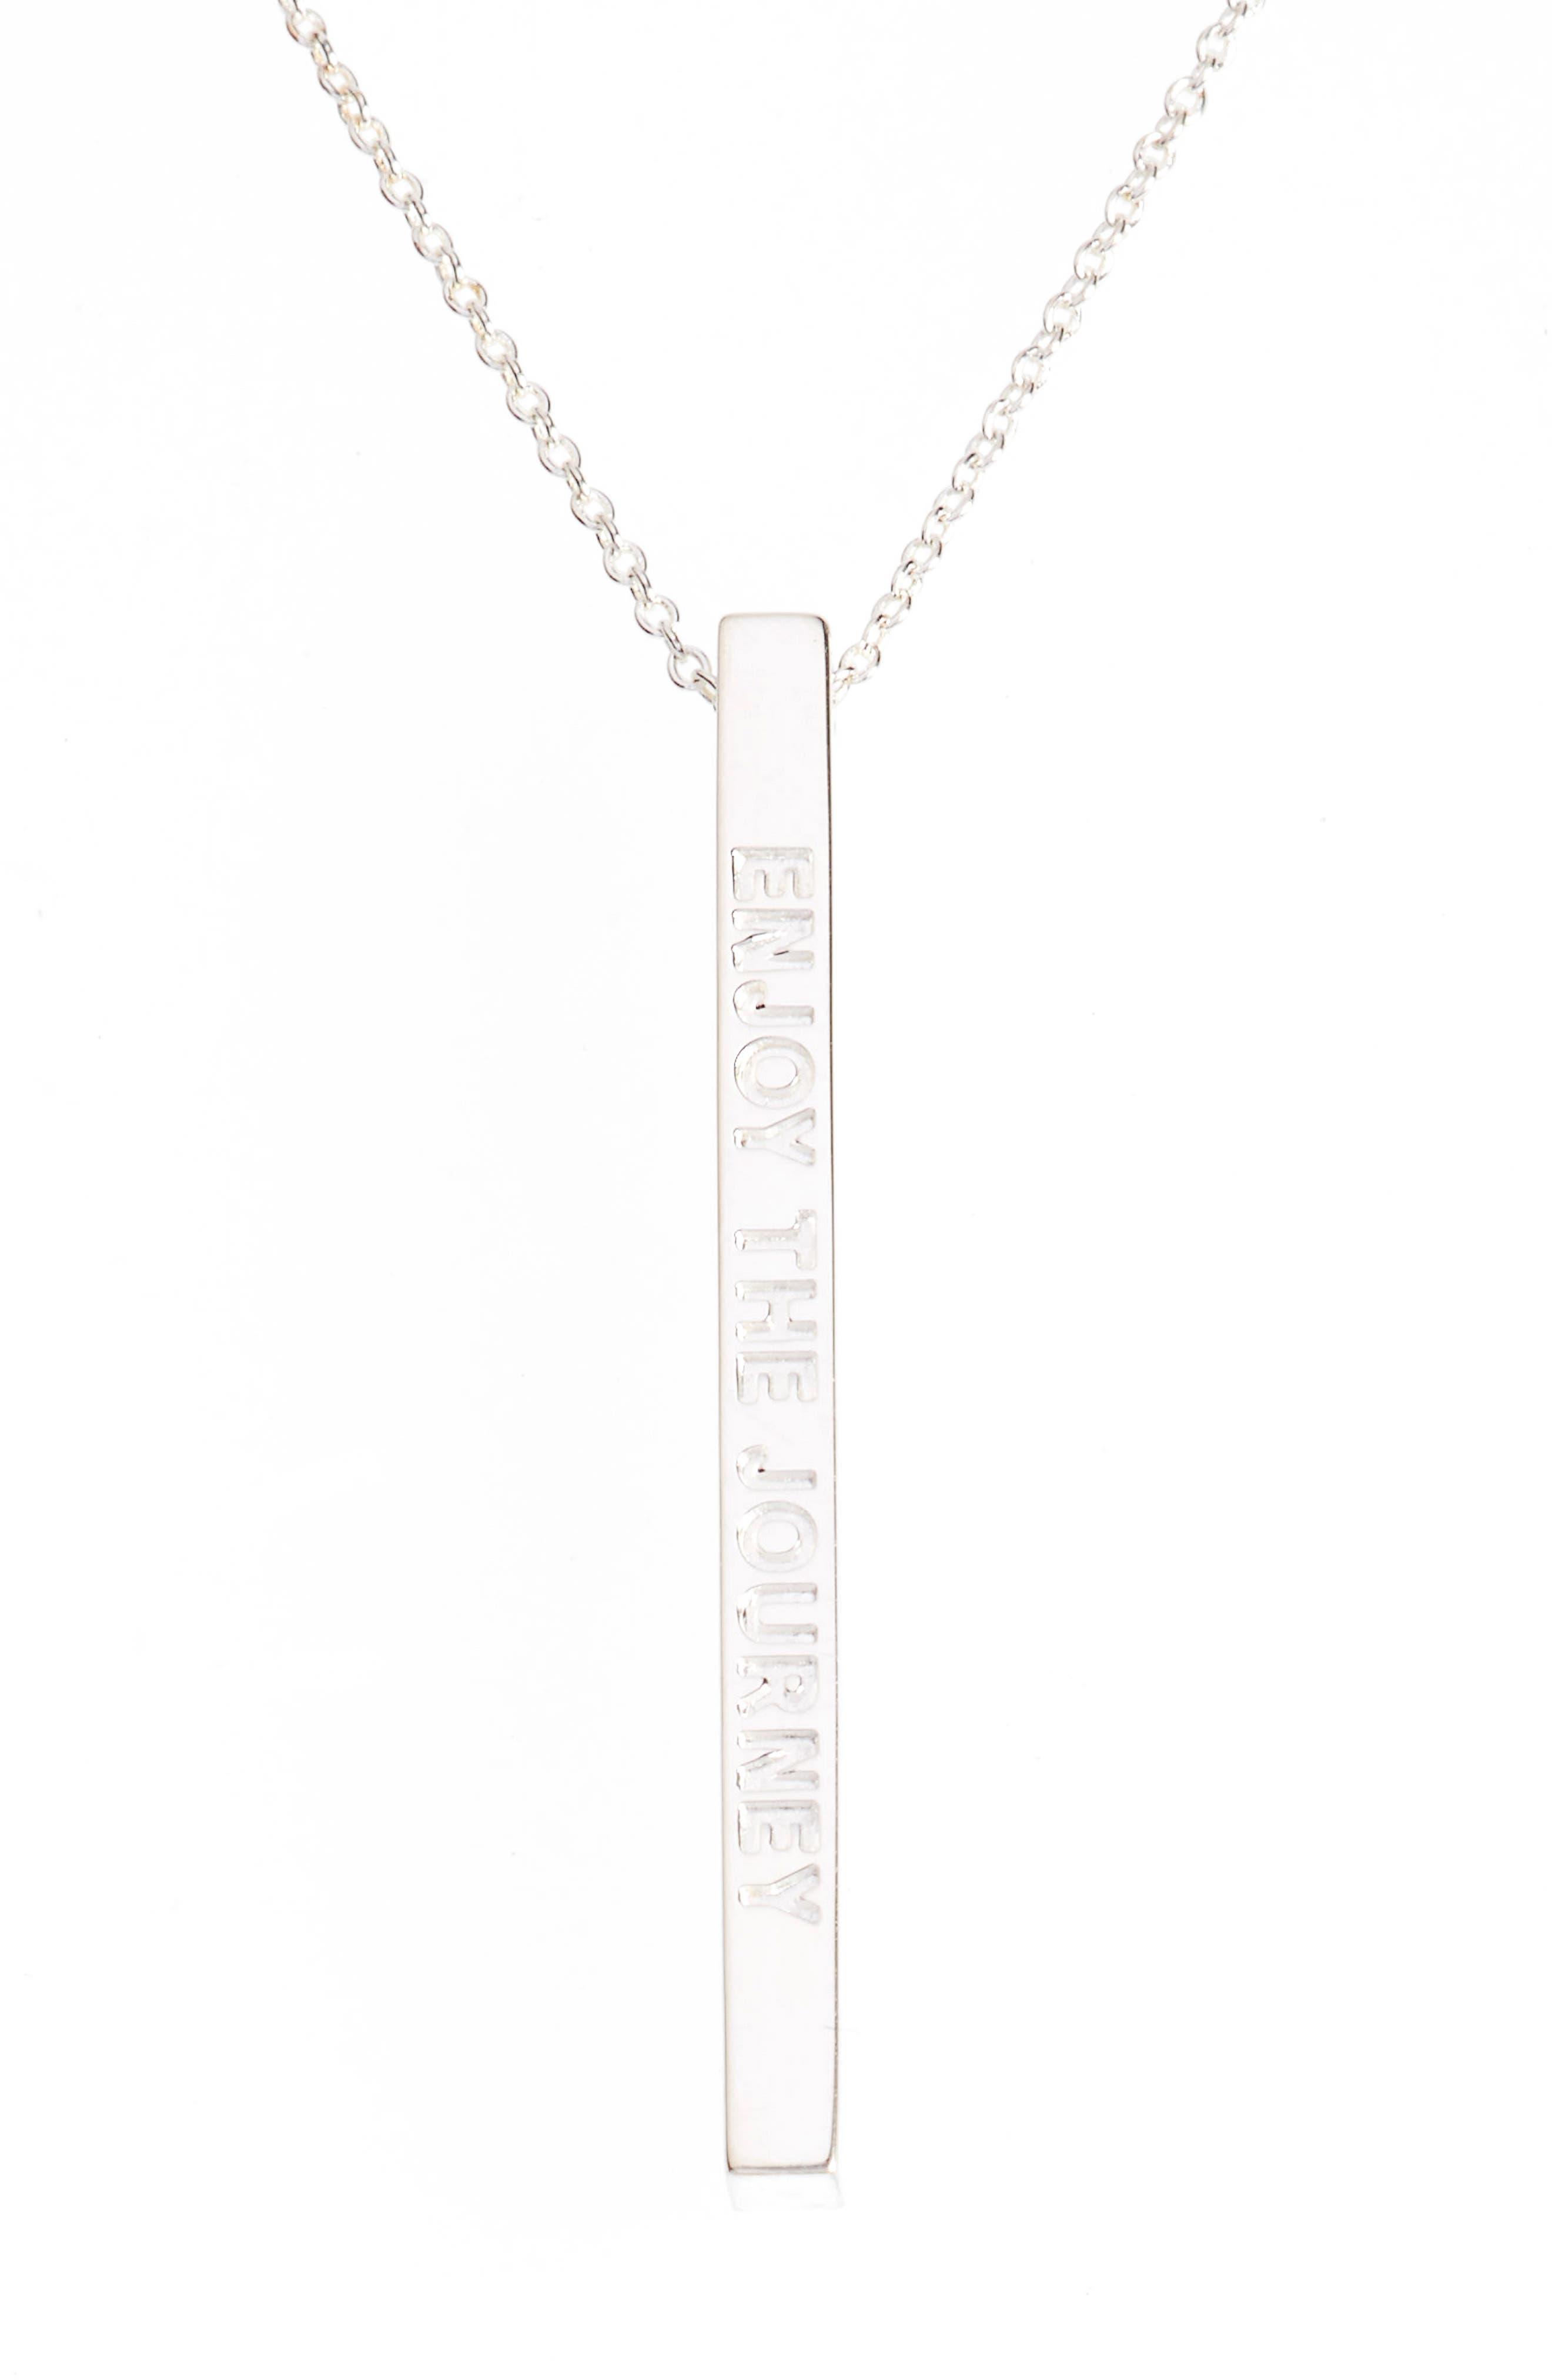 MantraBand® Enjoy the Journey Pendant Necklace